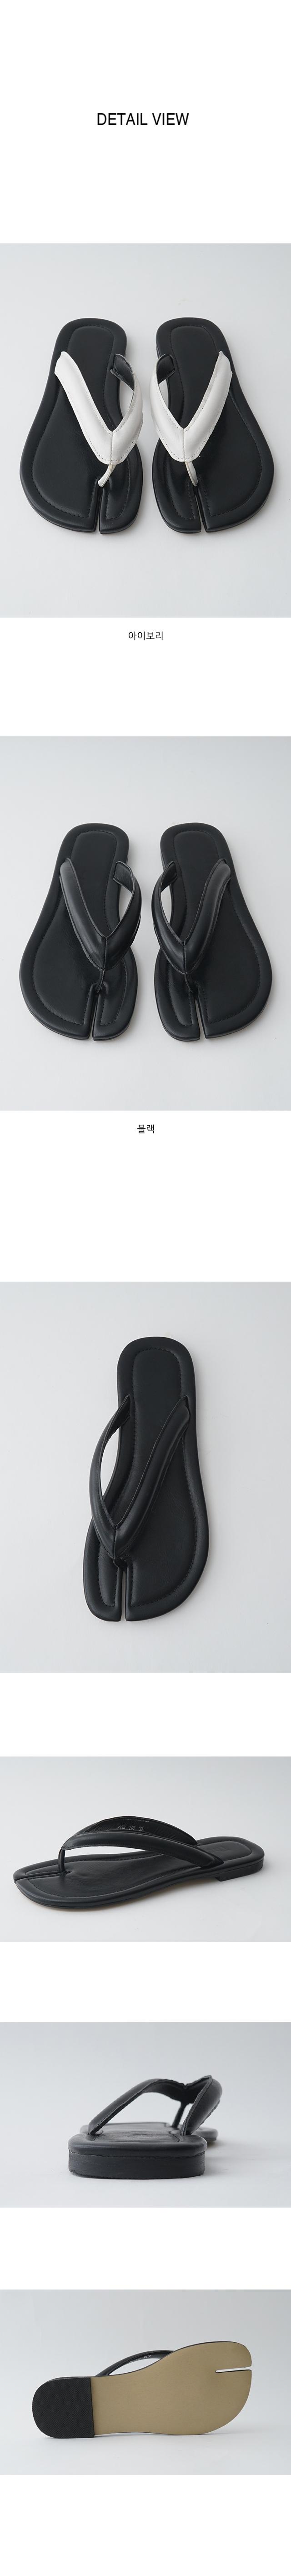 tabi toe sandals